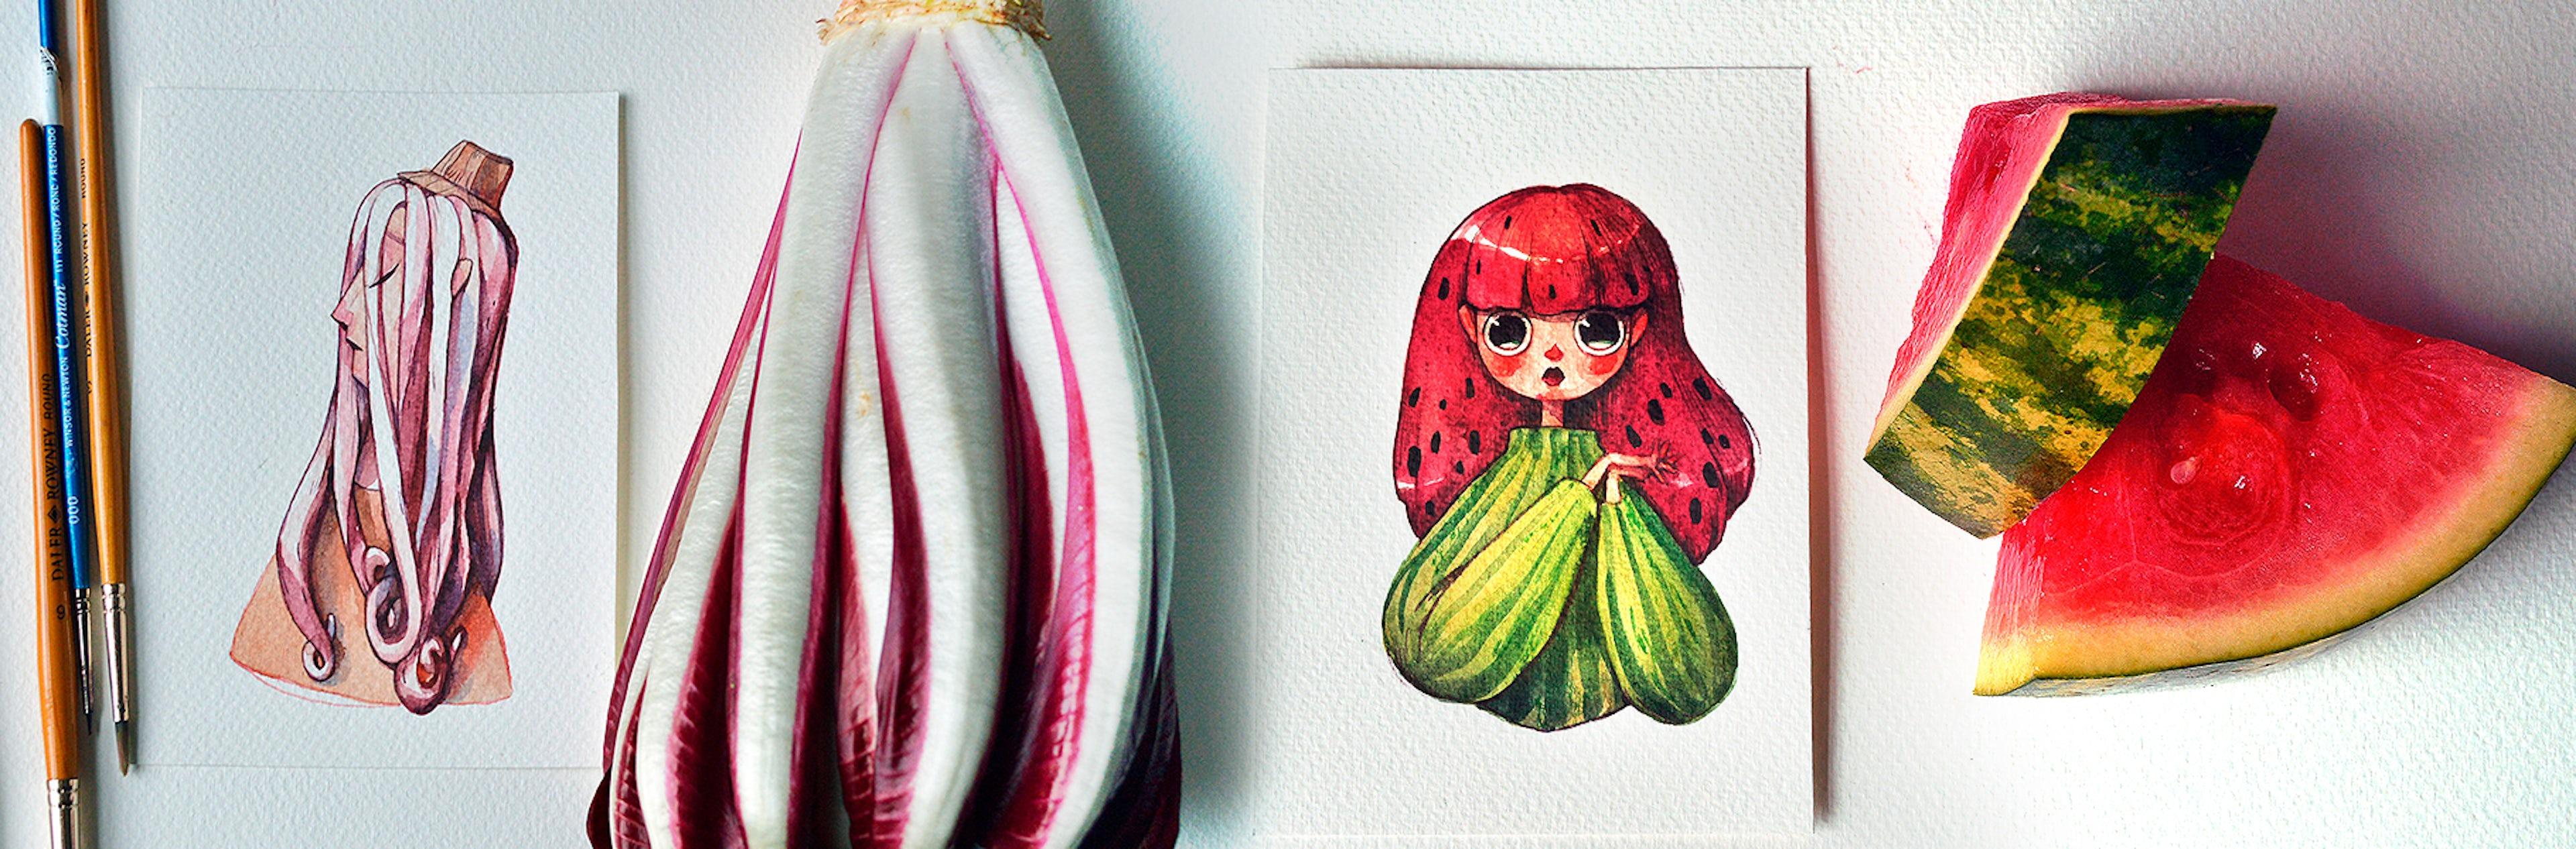 Esta artista convirtió frutas y vegetales en increíbles personajes